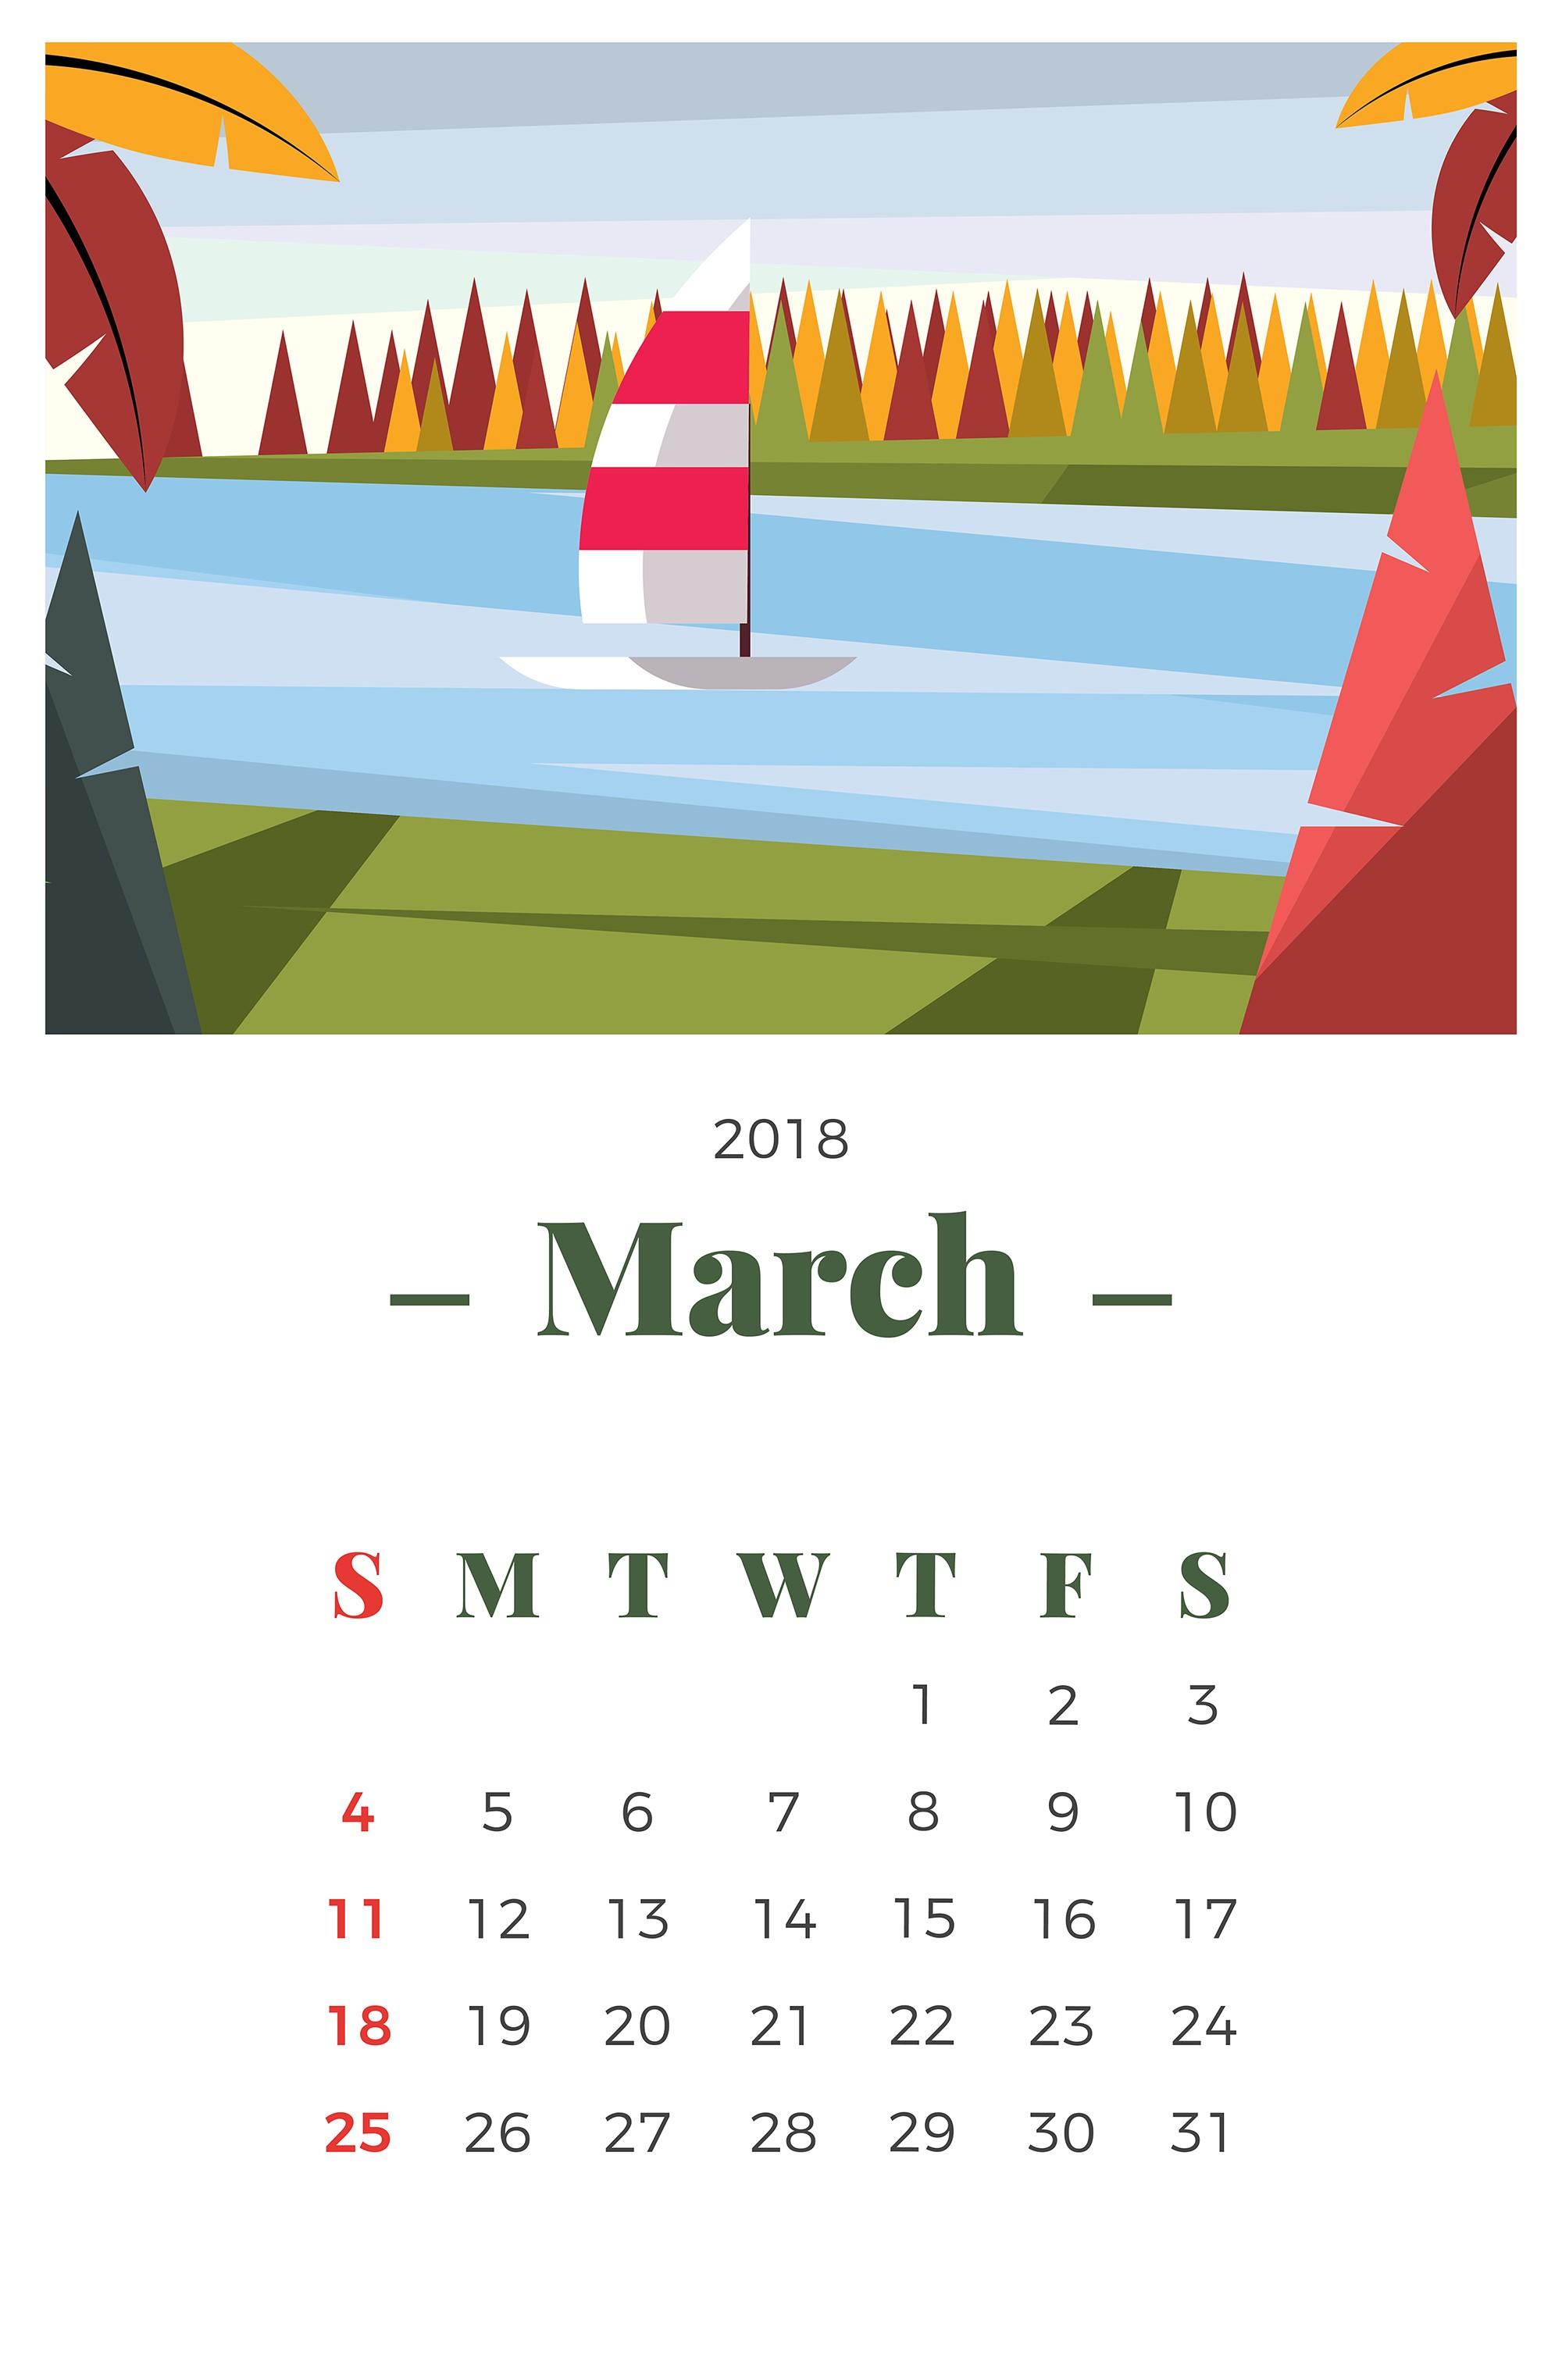 Calendario 2019 Para Imprimir Blanco Recientes Calendario De Paisaje De Marzo De 2018 Descargue Gráficos Y Of Calendario 2019 Para Imprimir Blanco Recientes Eur Lex R2447 En Eur Lex